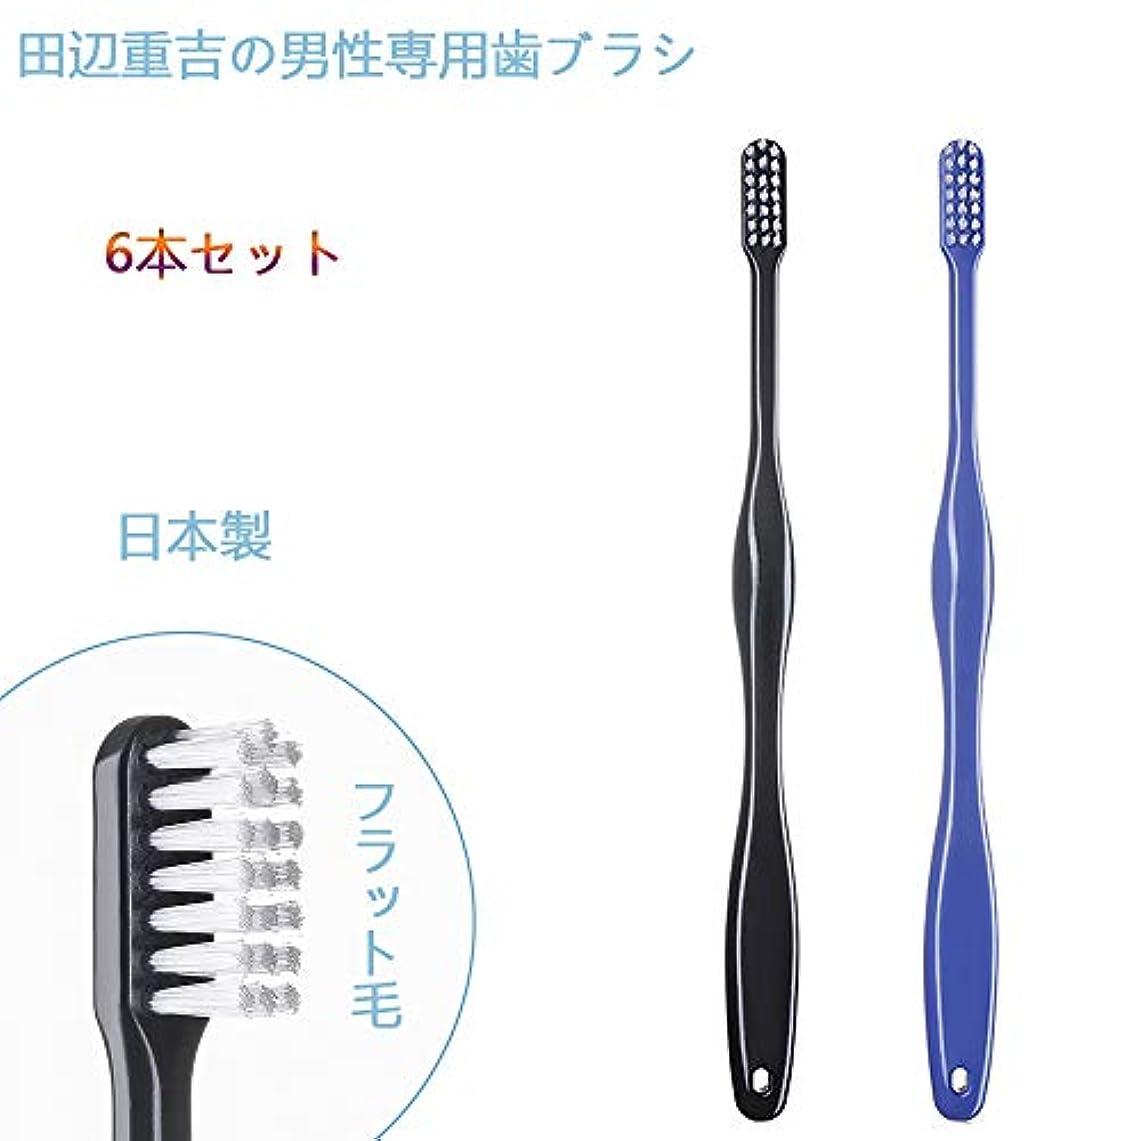 デコードするなぞらえるアルプス歯ブラシ職人 Artooth ® 田辺重吉の磨きやすい 男性専用 歯ブラシ MEN' S 日本製 耐久性UP 6本セットLT-08(色おまかせ)